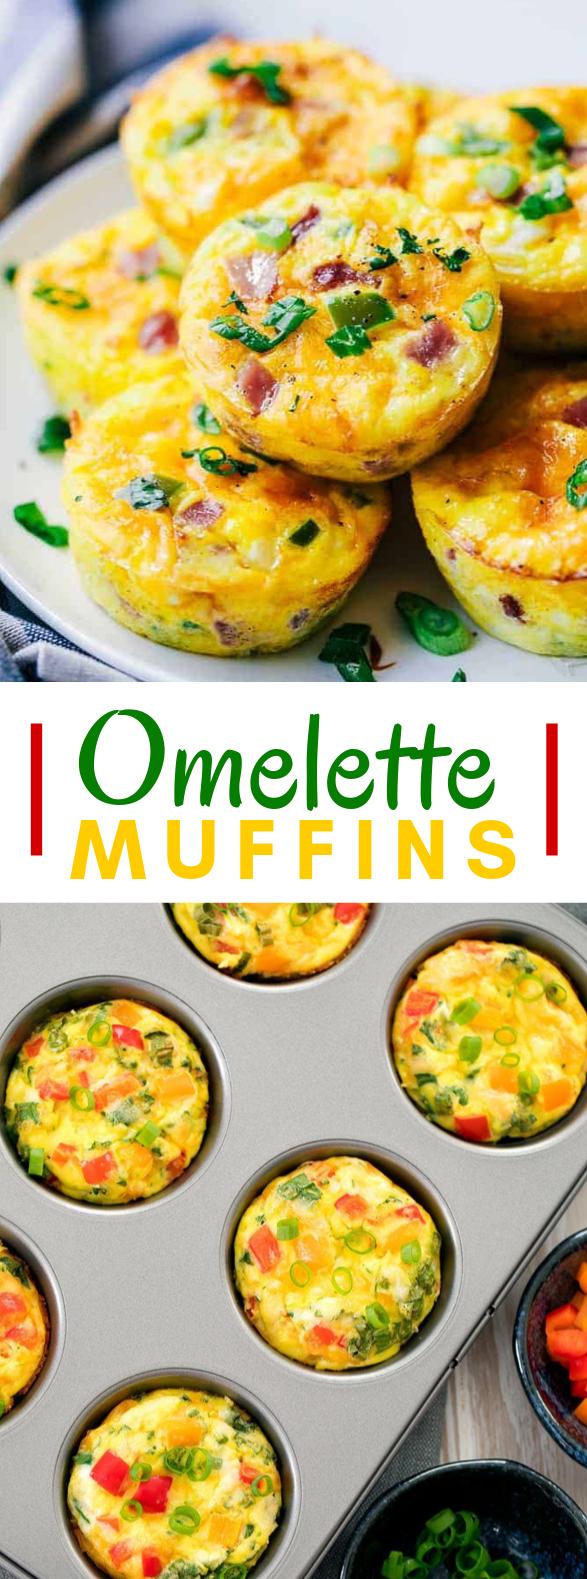 Omelette Muffins #breakfast #dinner